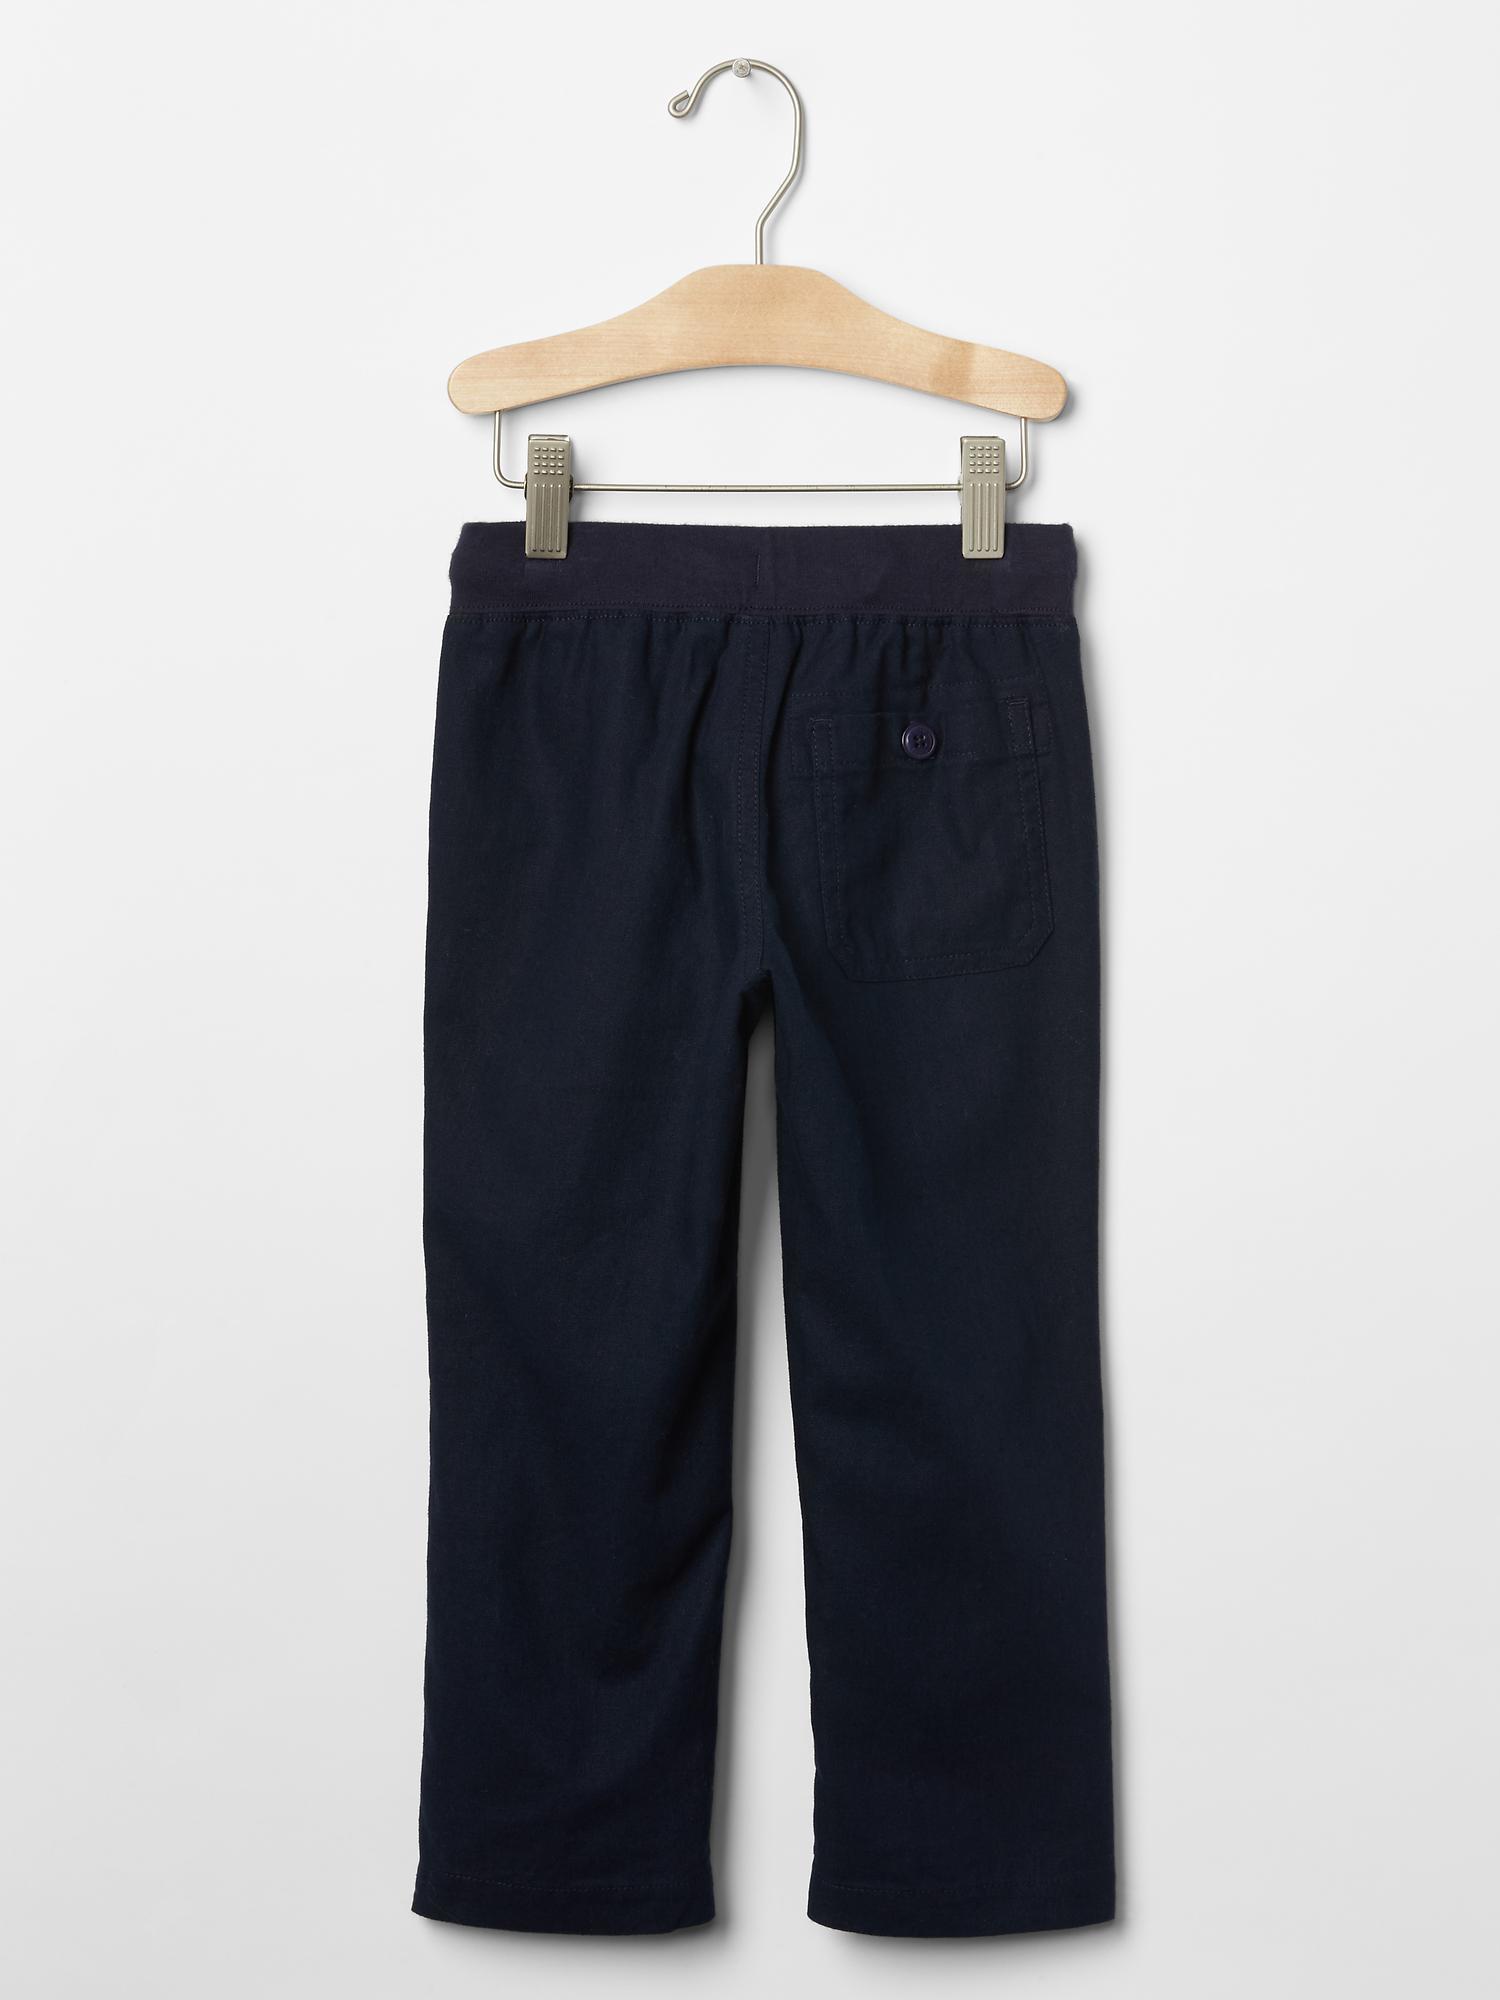 Amazing Gap Women 1969 Sateen Denim Jogger Pants  Shop Your Way Online